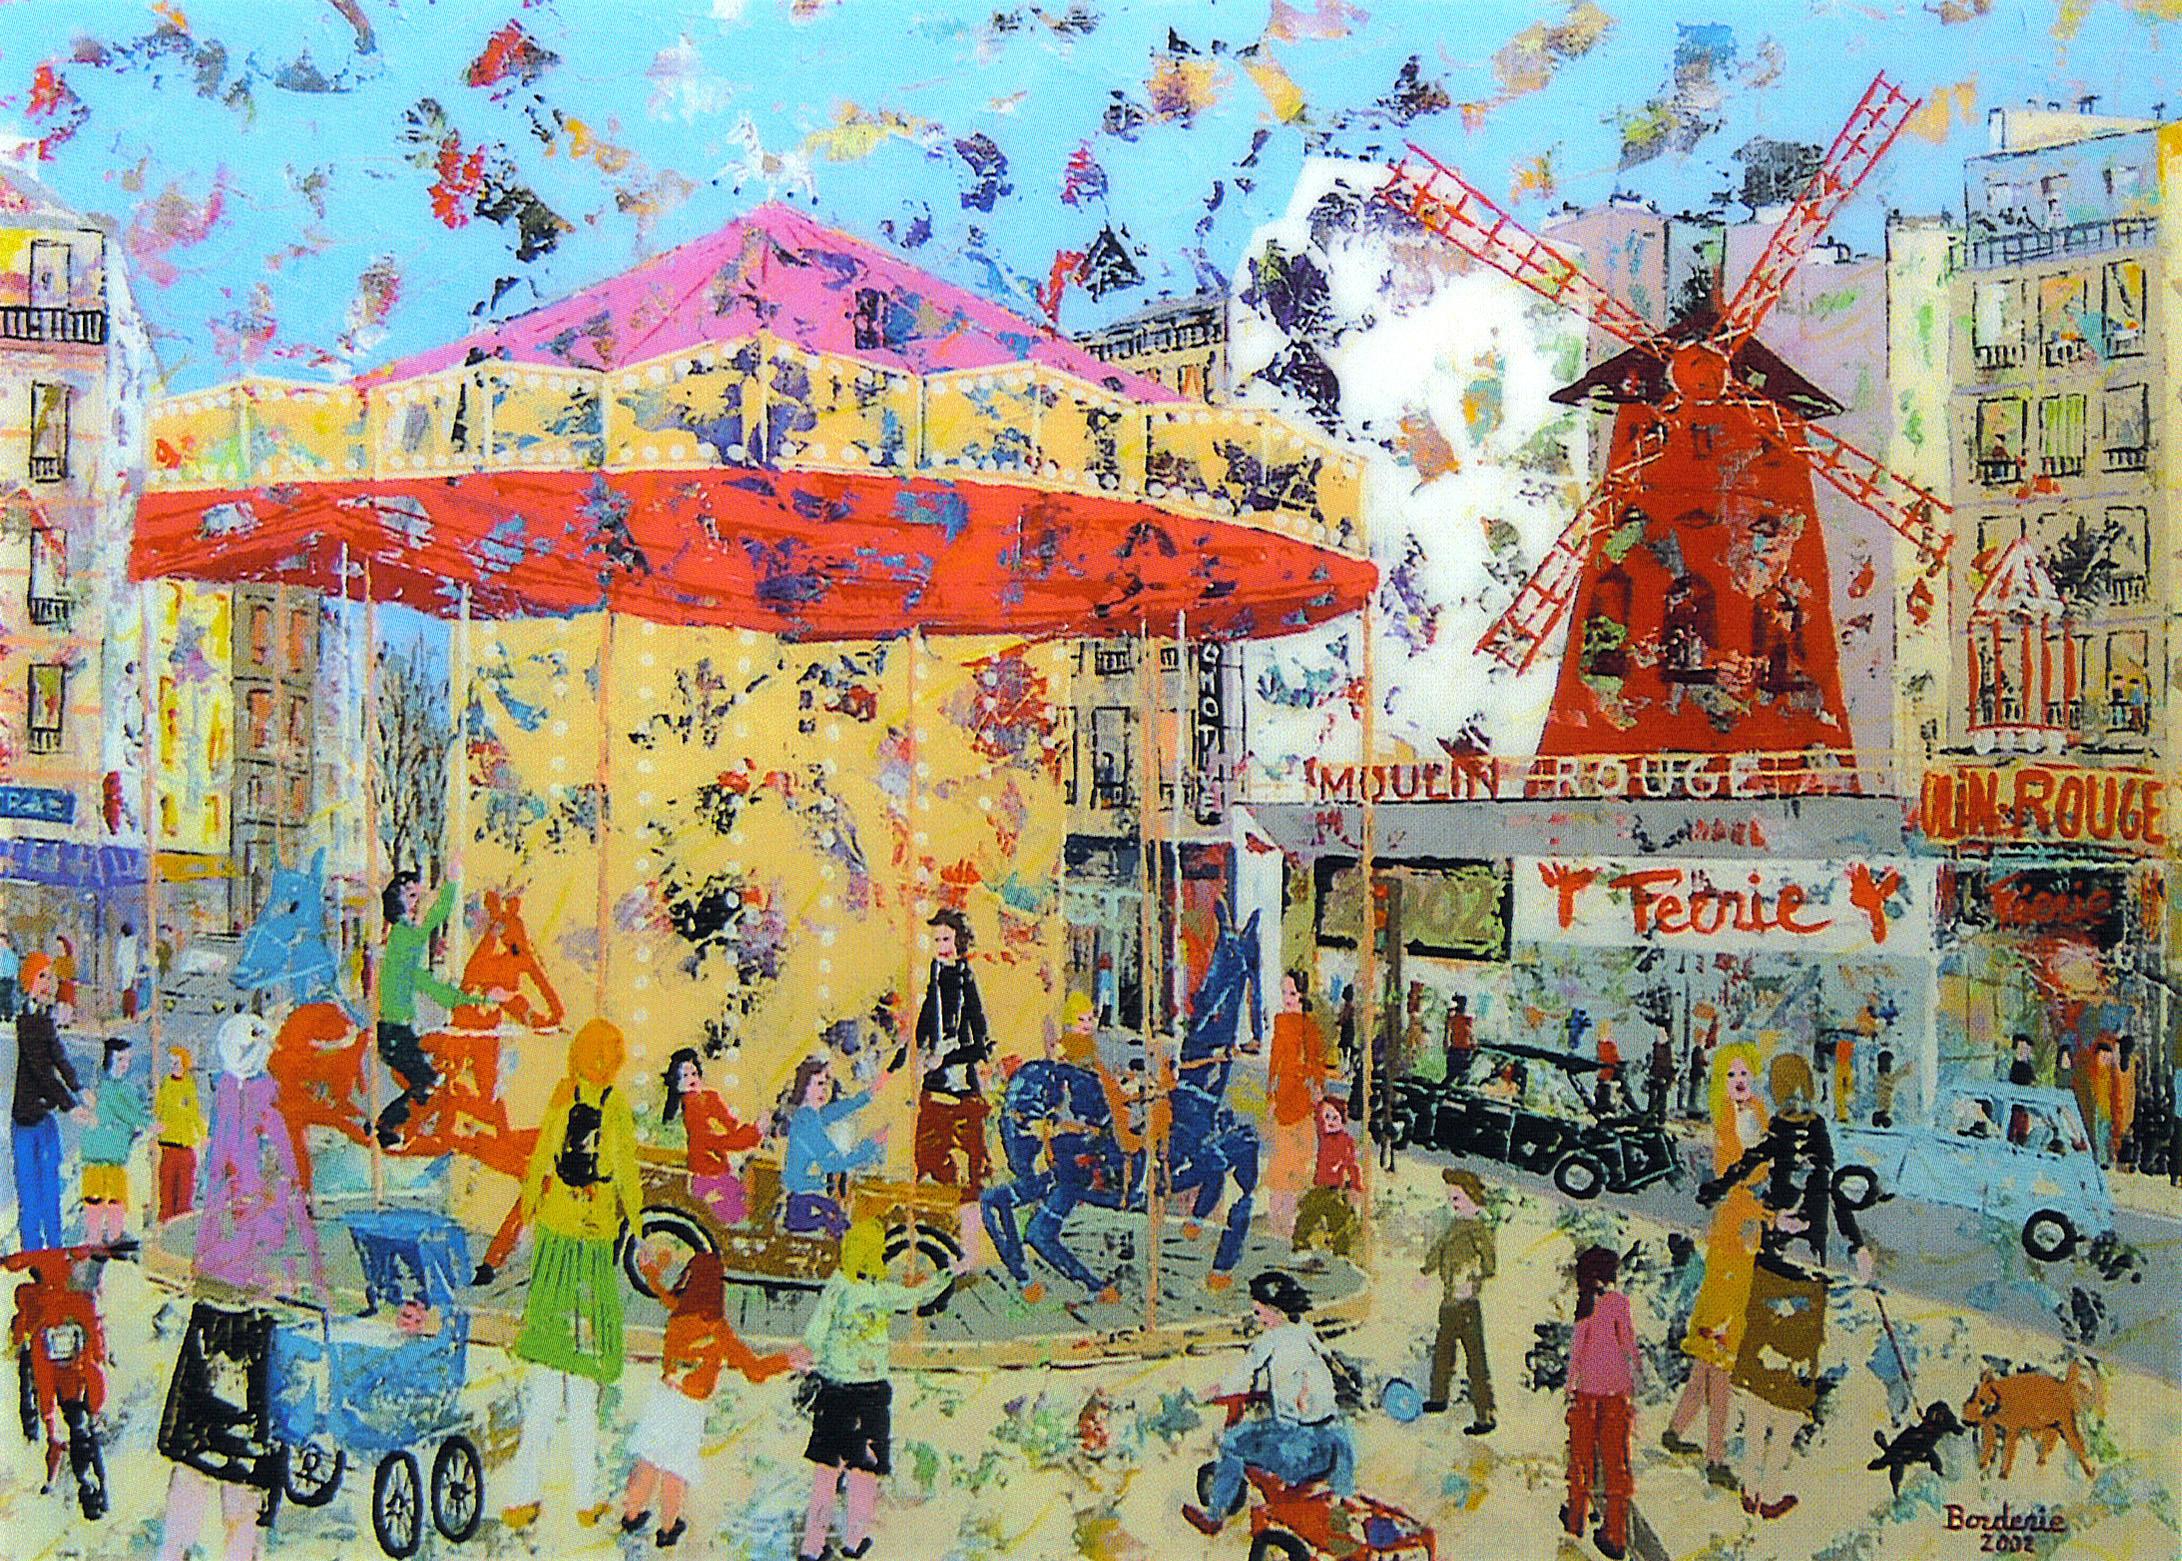 Manège devant le Moulin-Rouge.